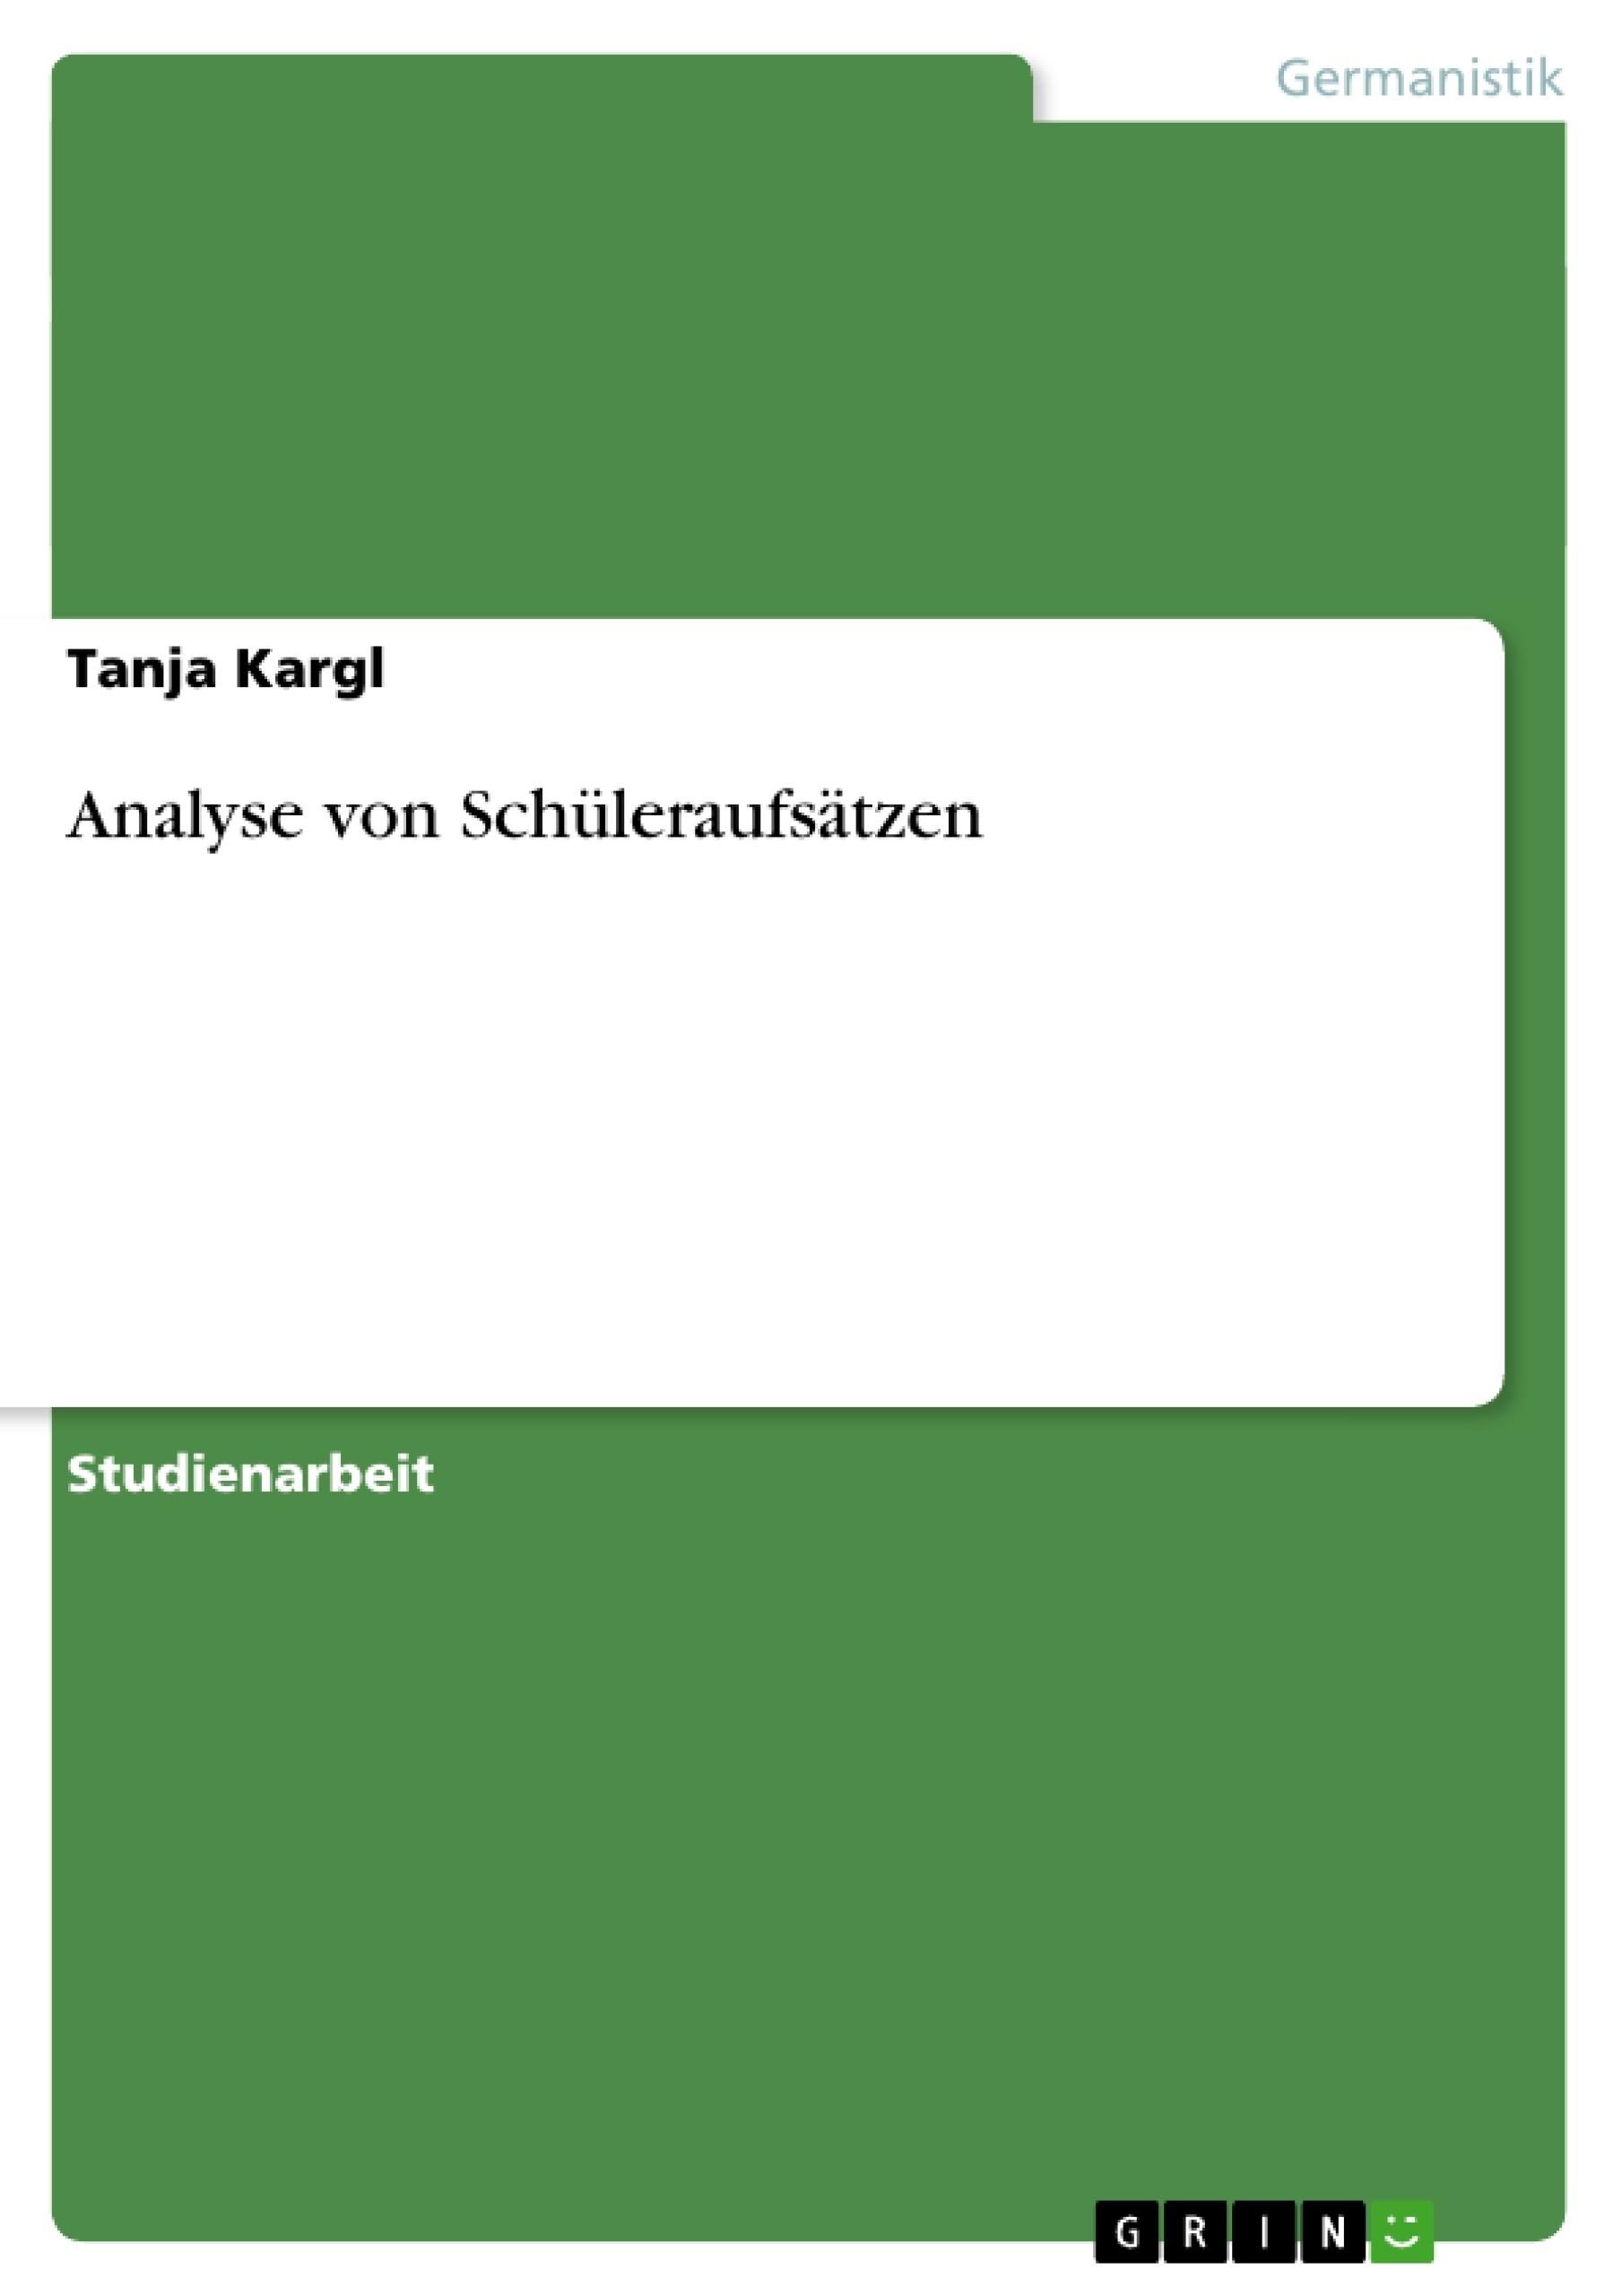 Titel: Analyse von Schüleraufsätzen